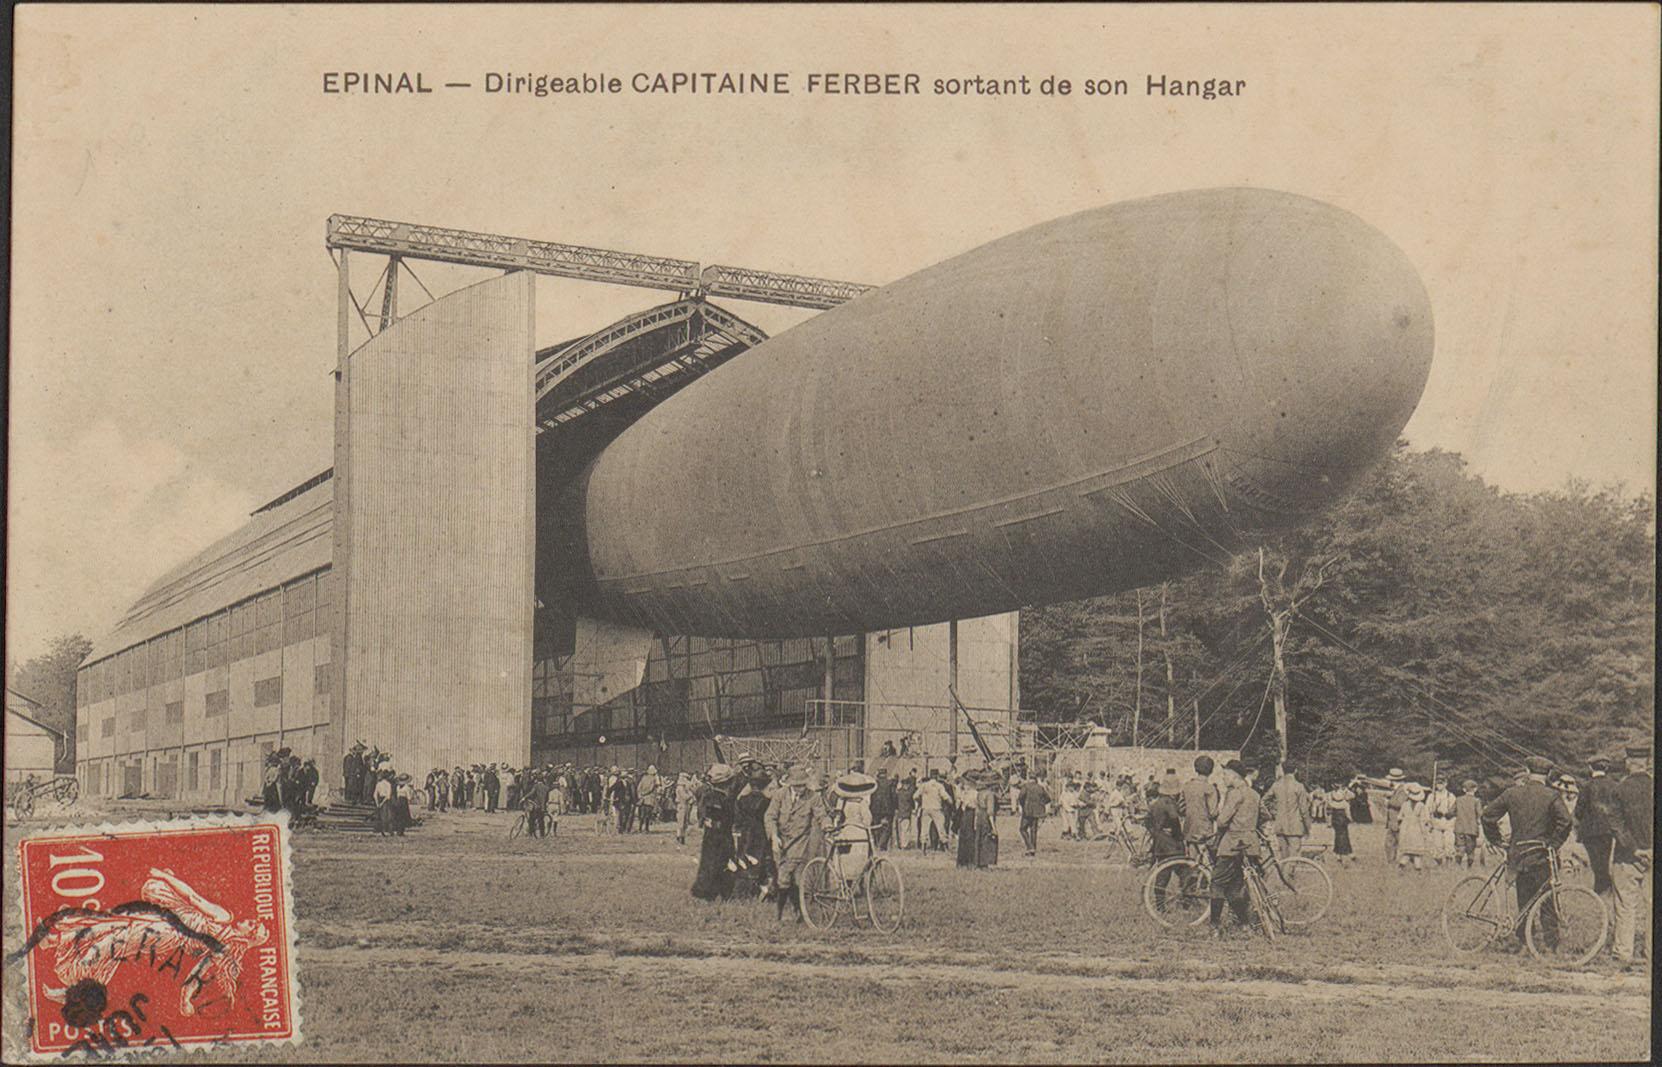 Contenu du Épinal, Dirigeable Capitaine Ferber sortant de son hangar